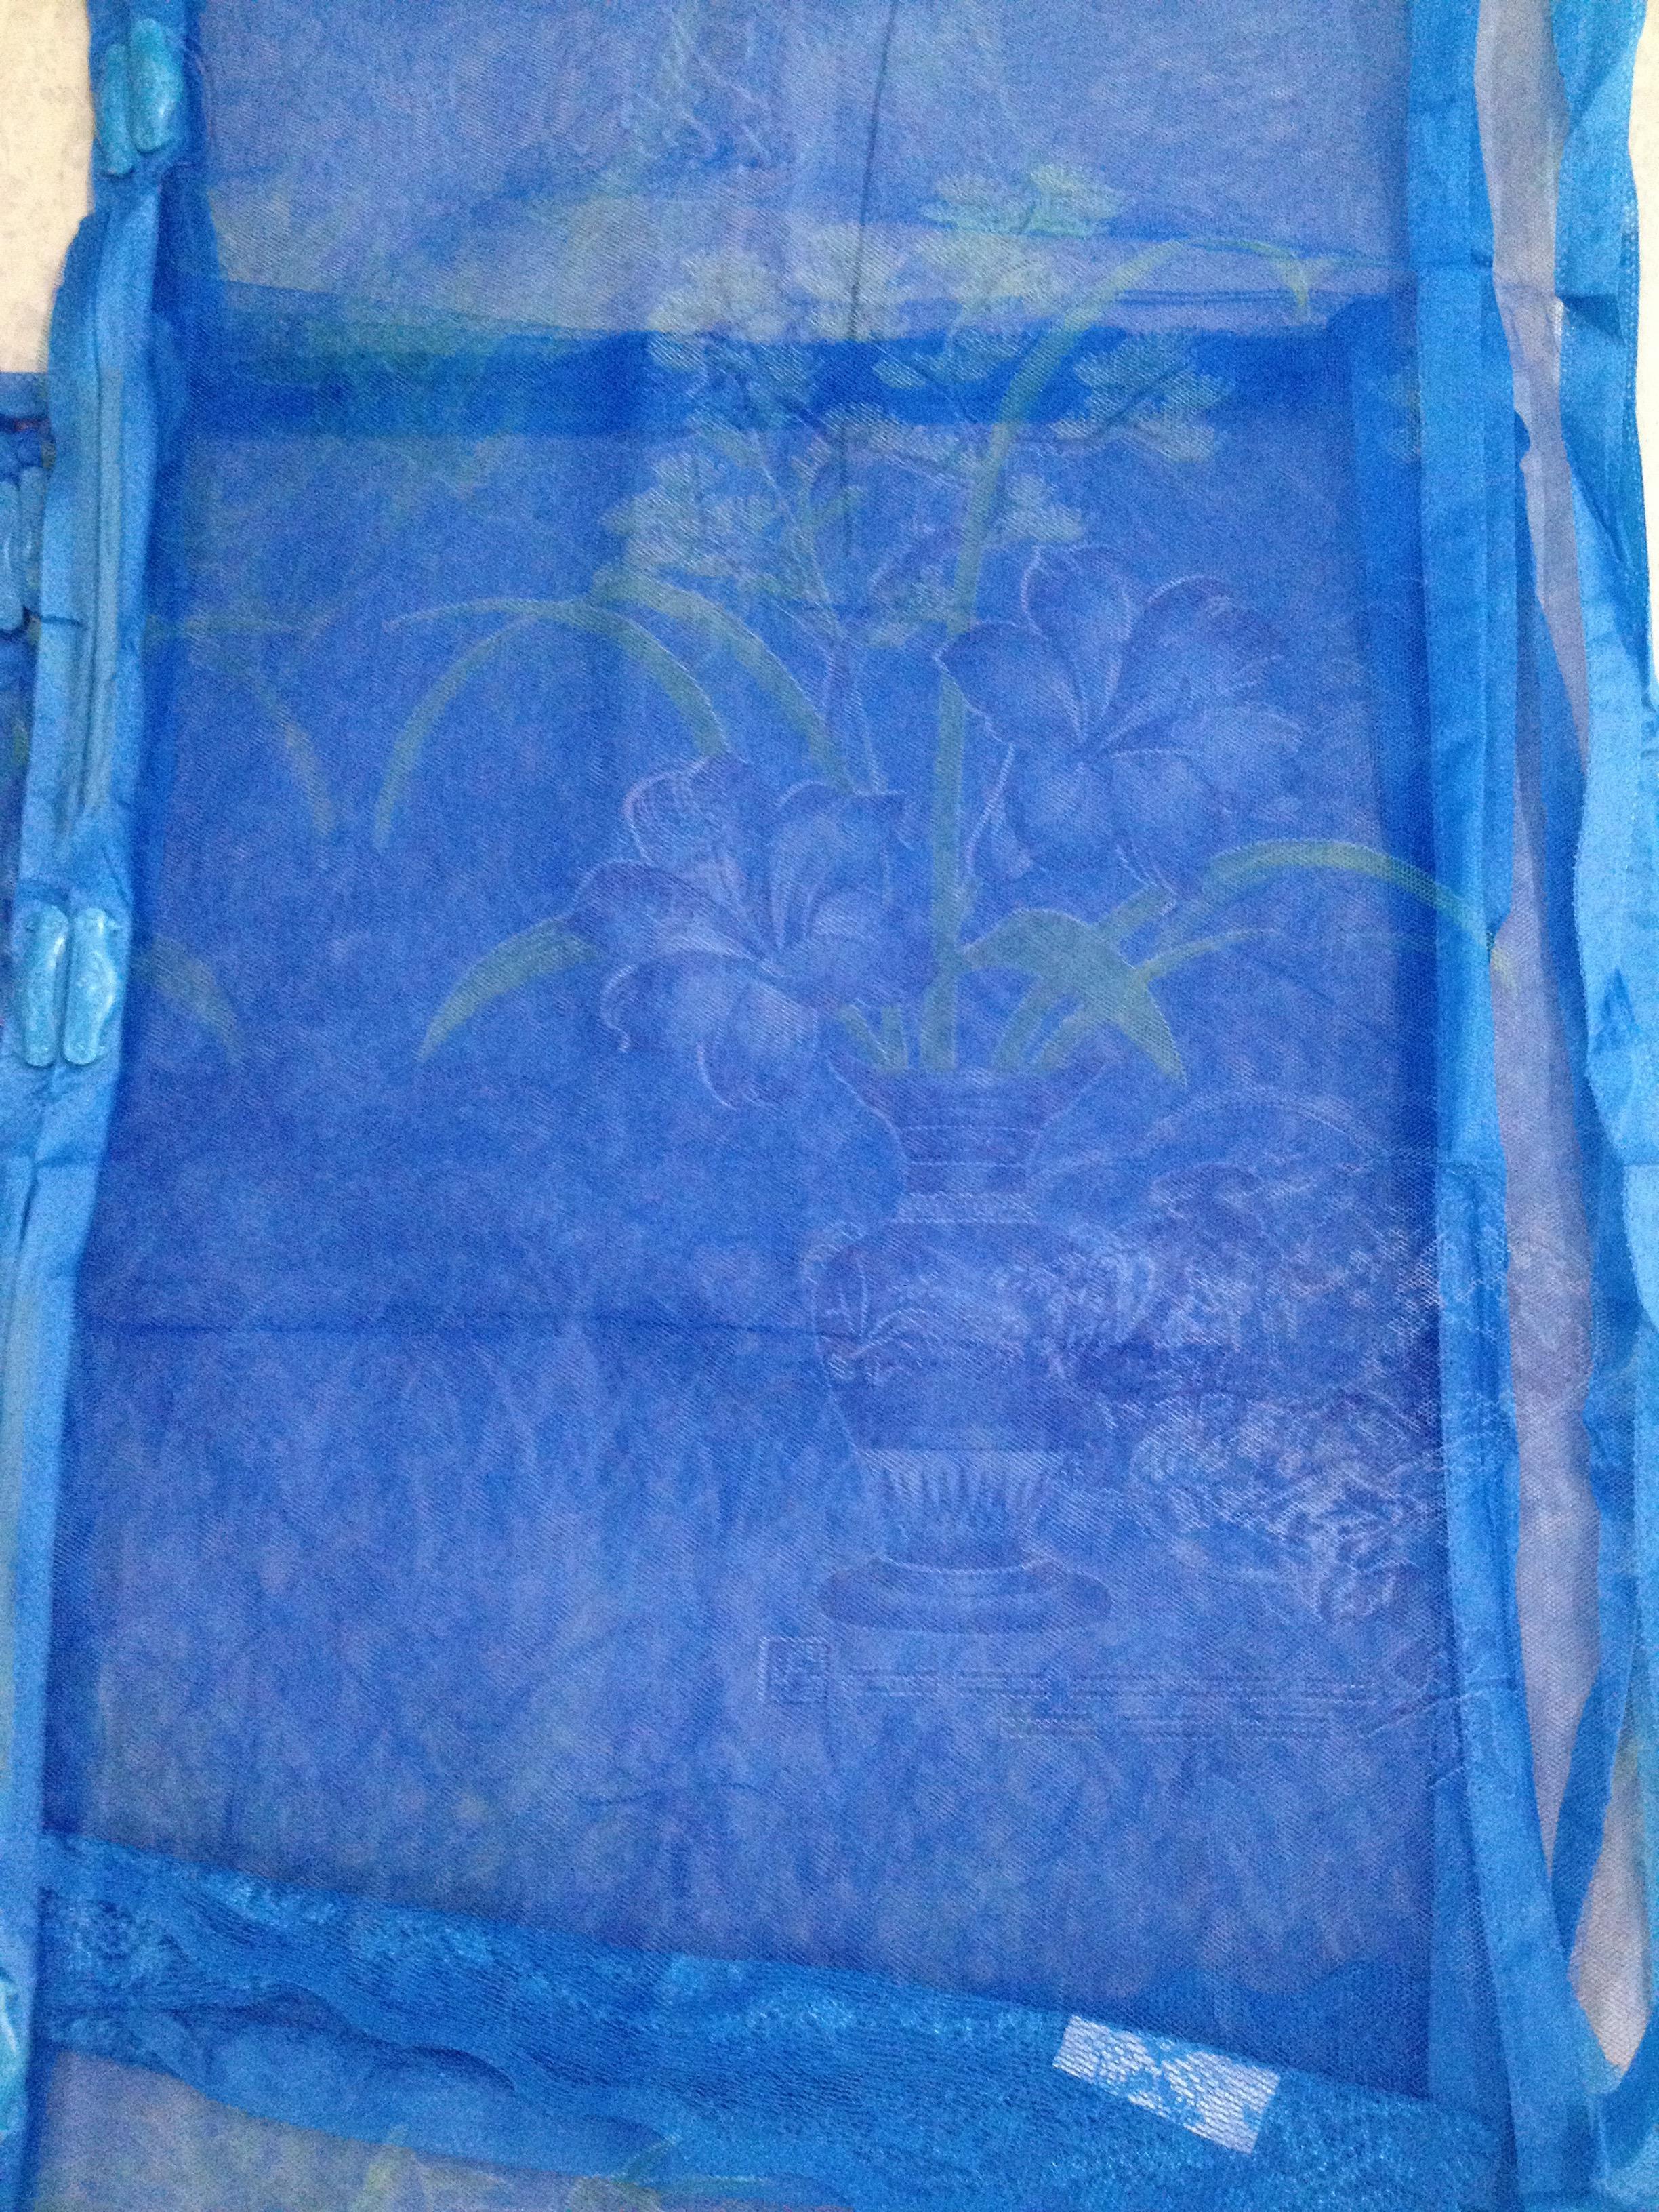 ม่านประตูกันยุงแบบพิมพ์ลาย ไชส์ 100 สีฟ้า/แจกันดอกไม้จีน